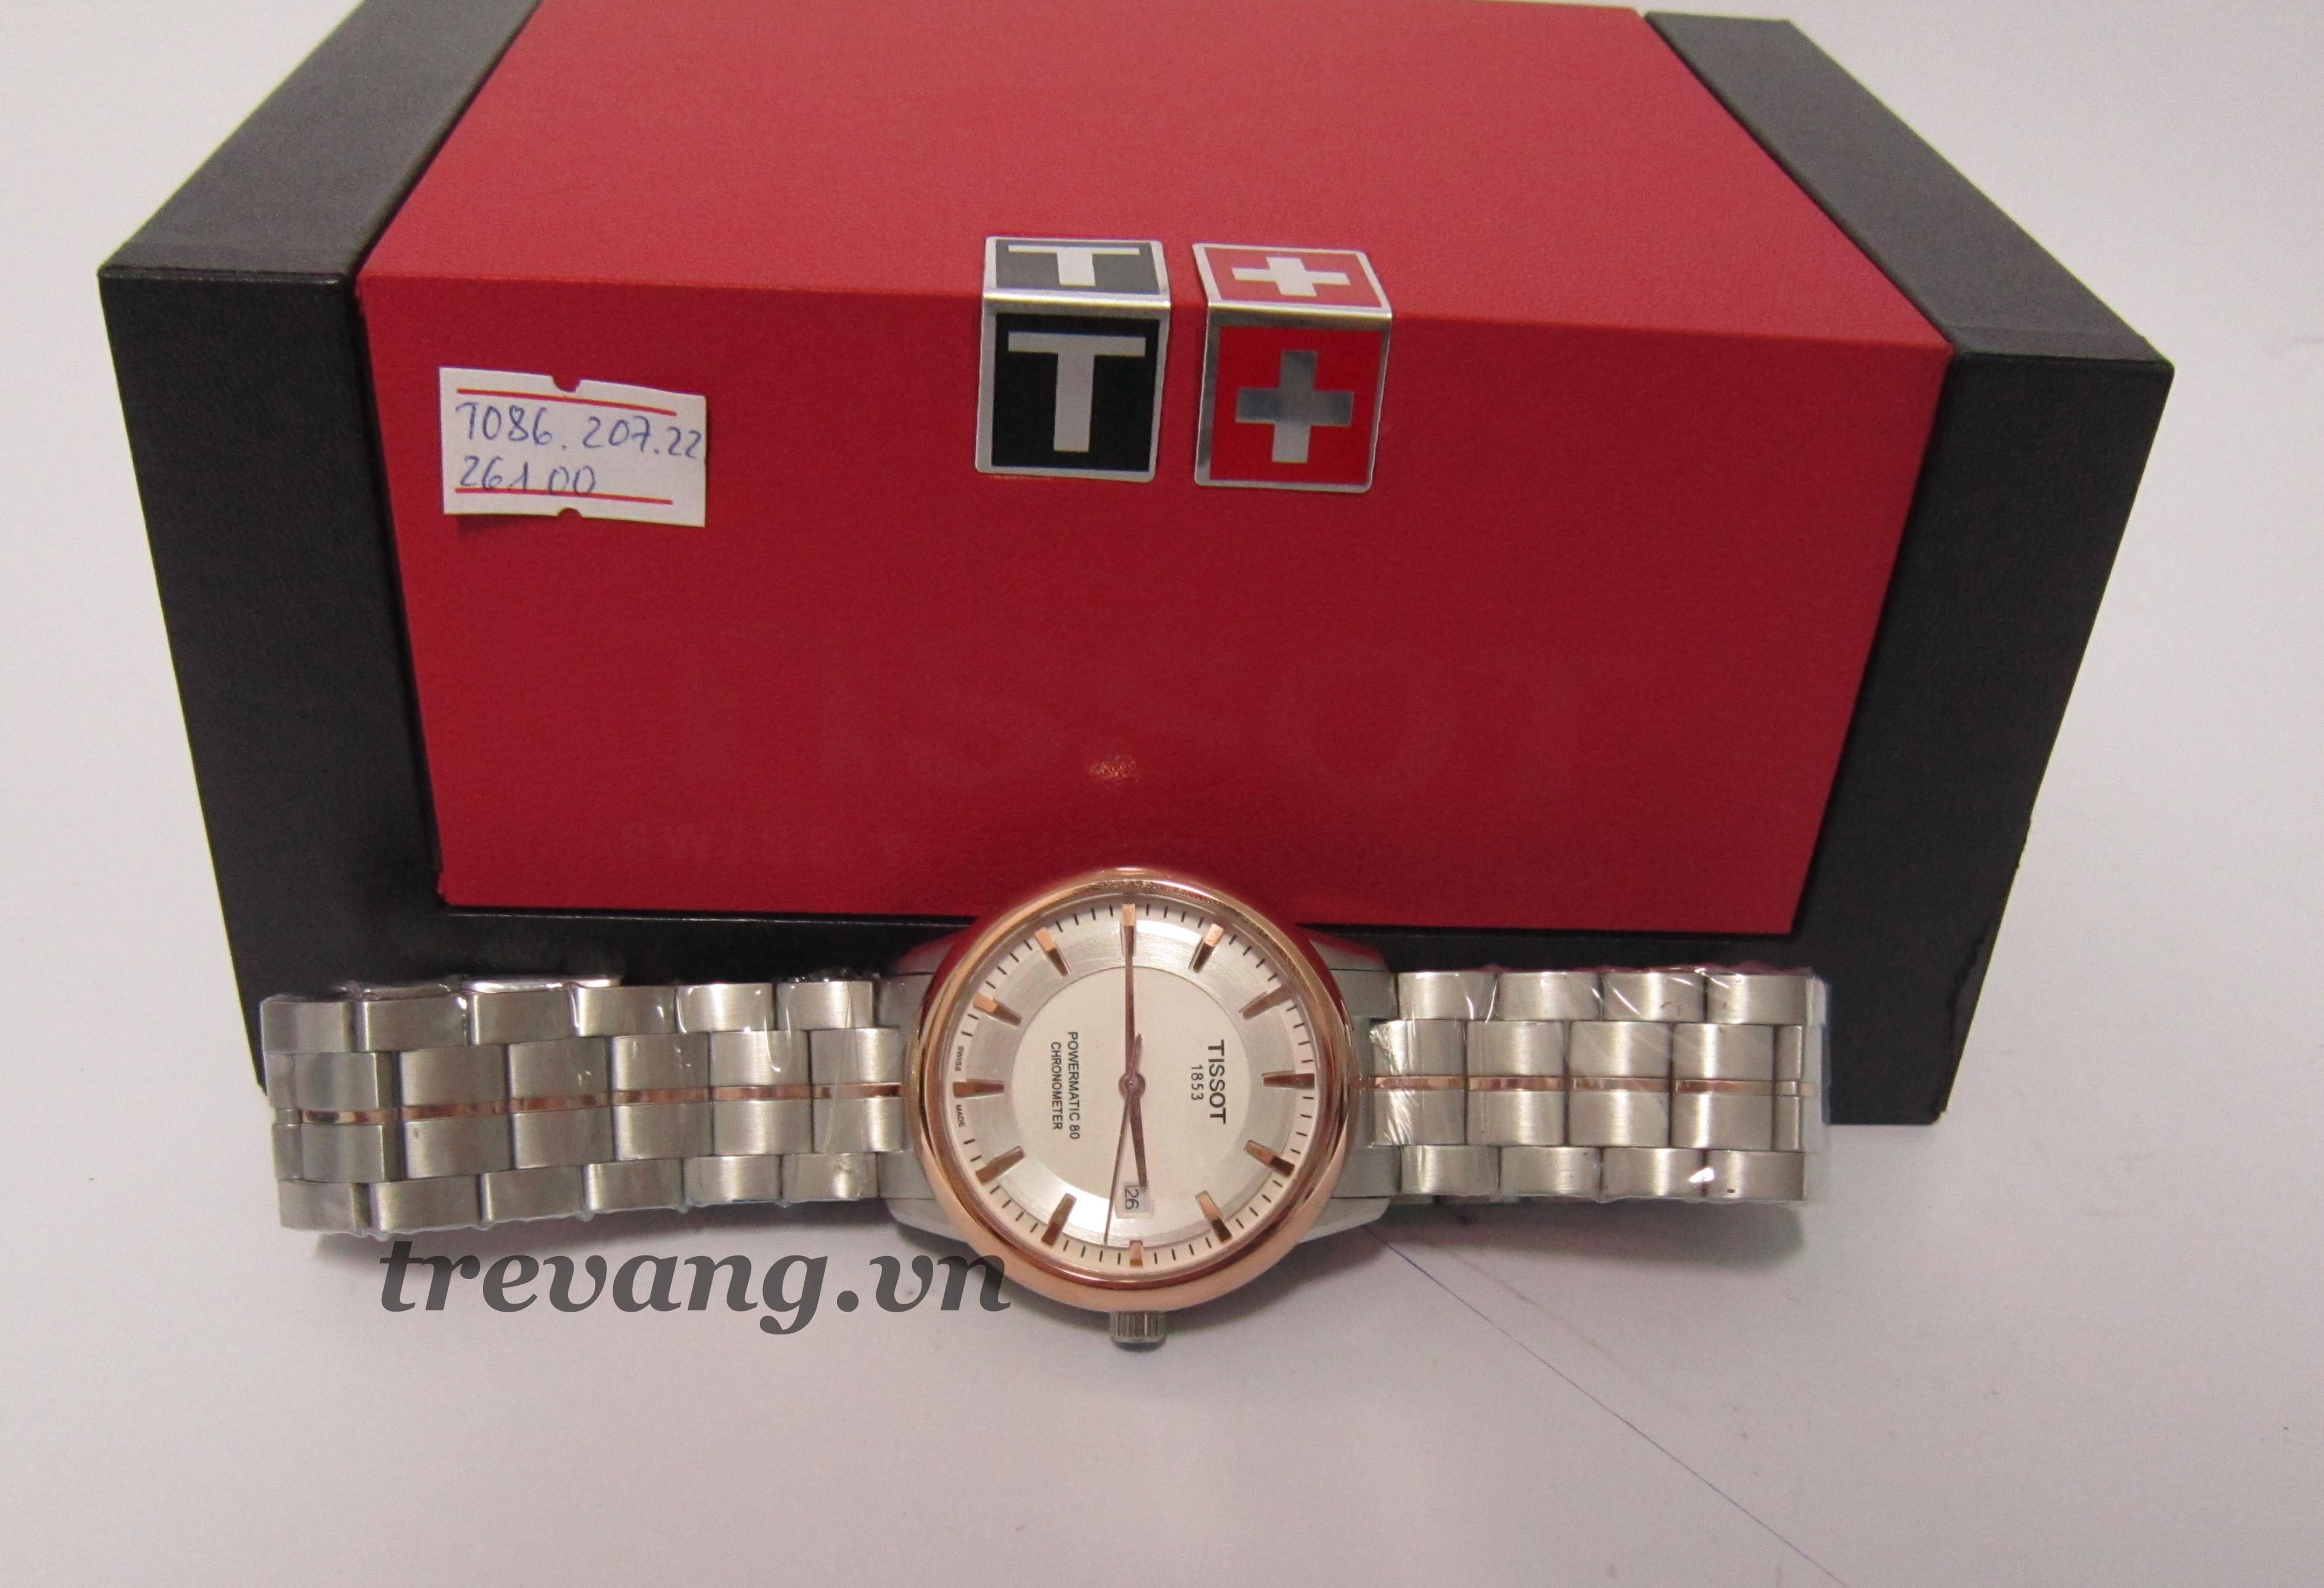 Đồng hồ nam Tissot 1853 T086.207.22.261.00 thu tút mọi góc cạnh